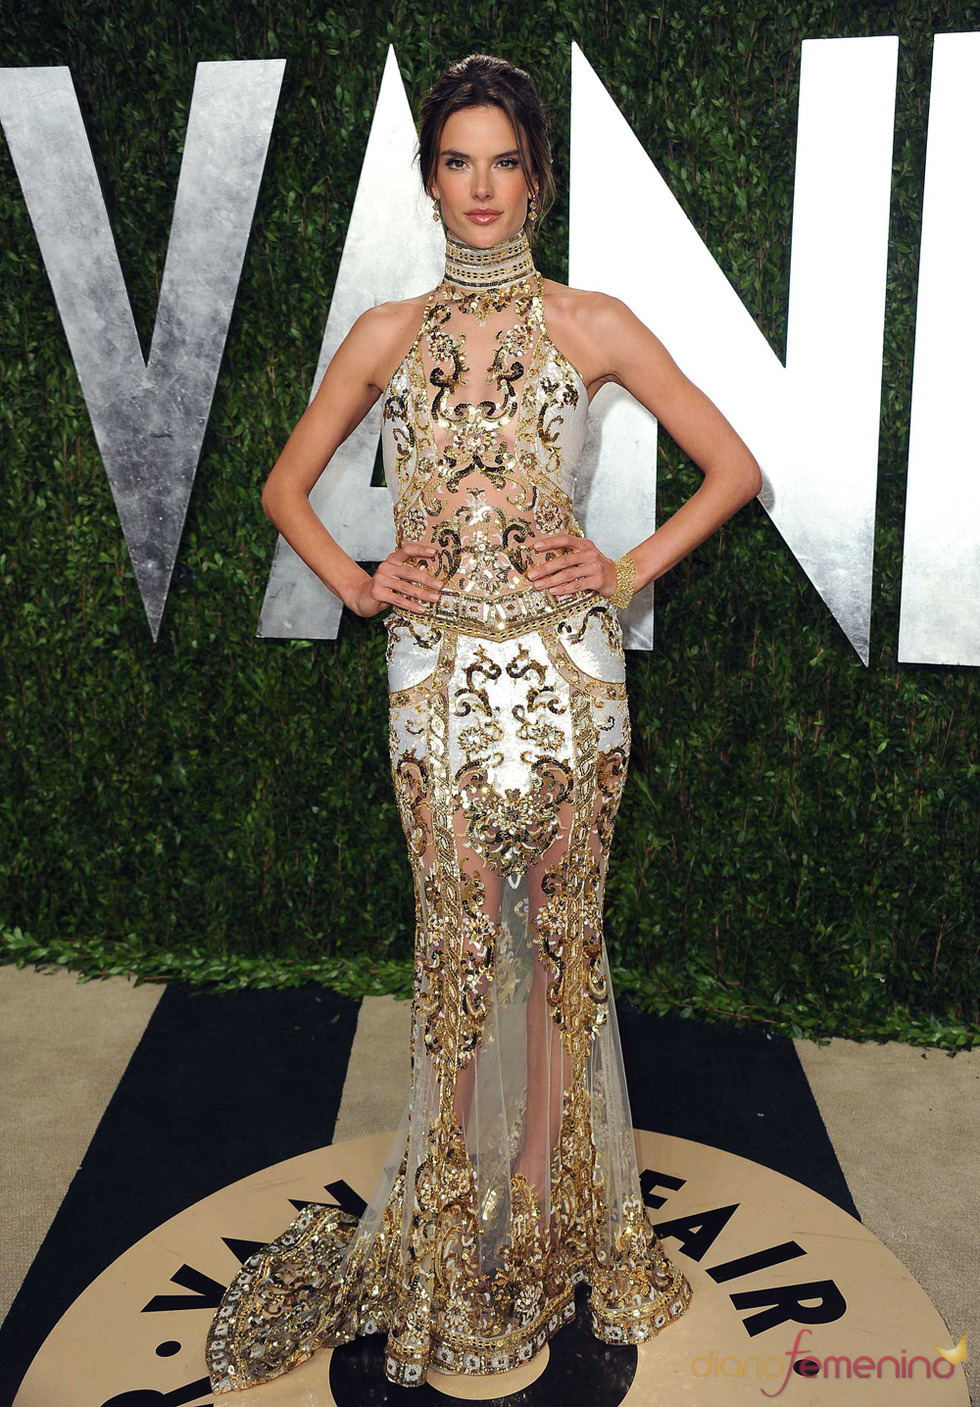 Alessandra Ambrosio en la fiesta de Vanity celebrada tras los Oscar 2013